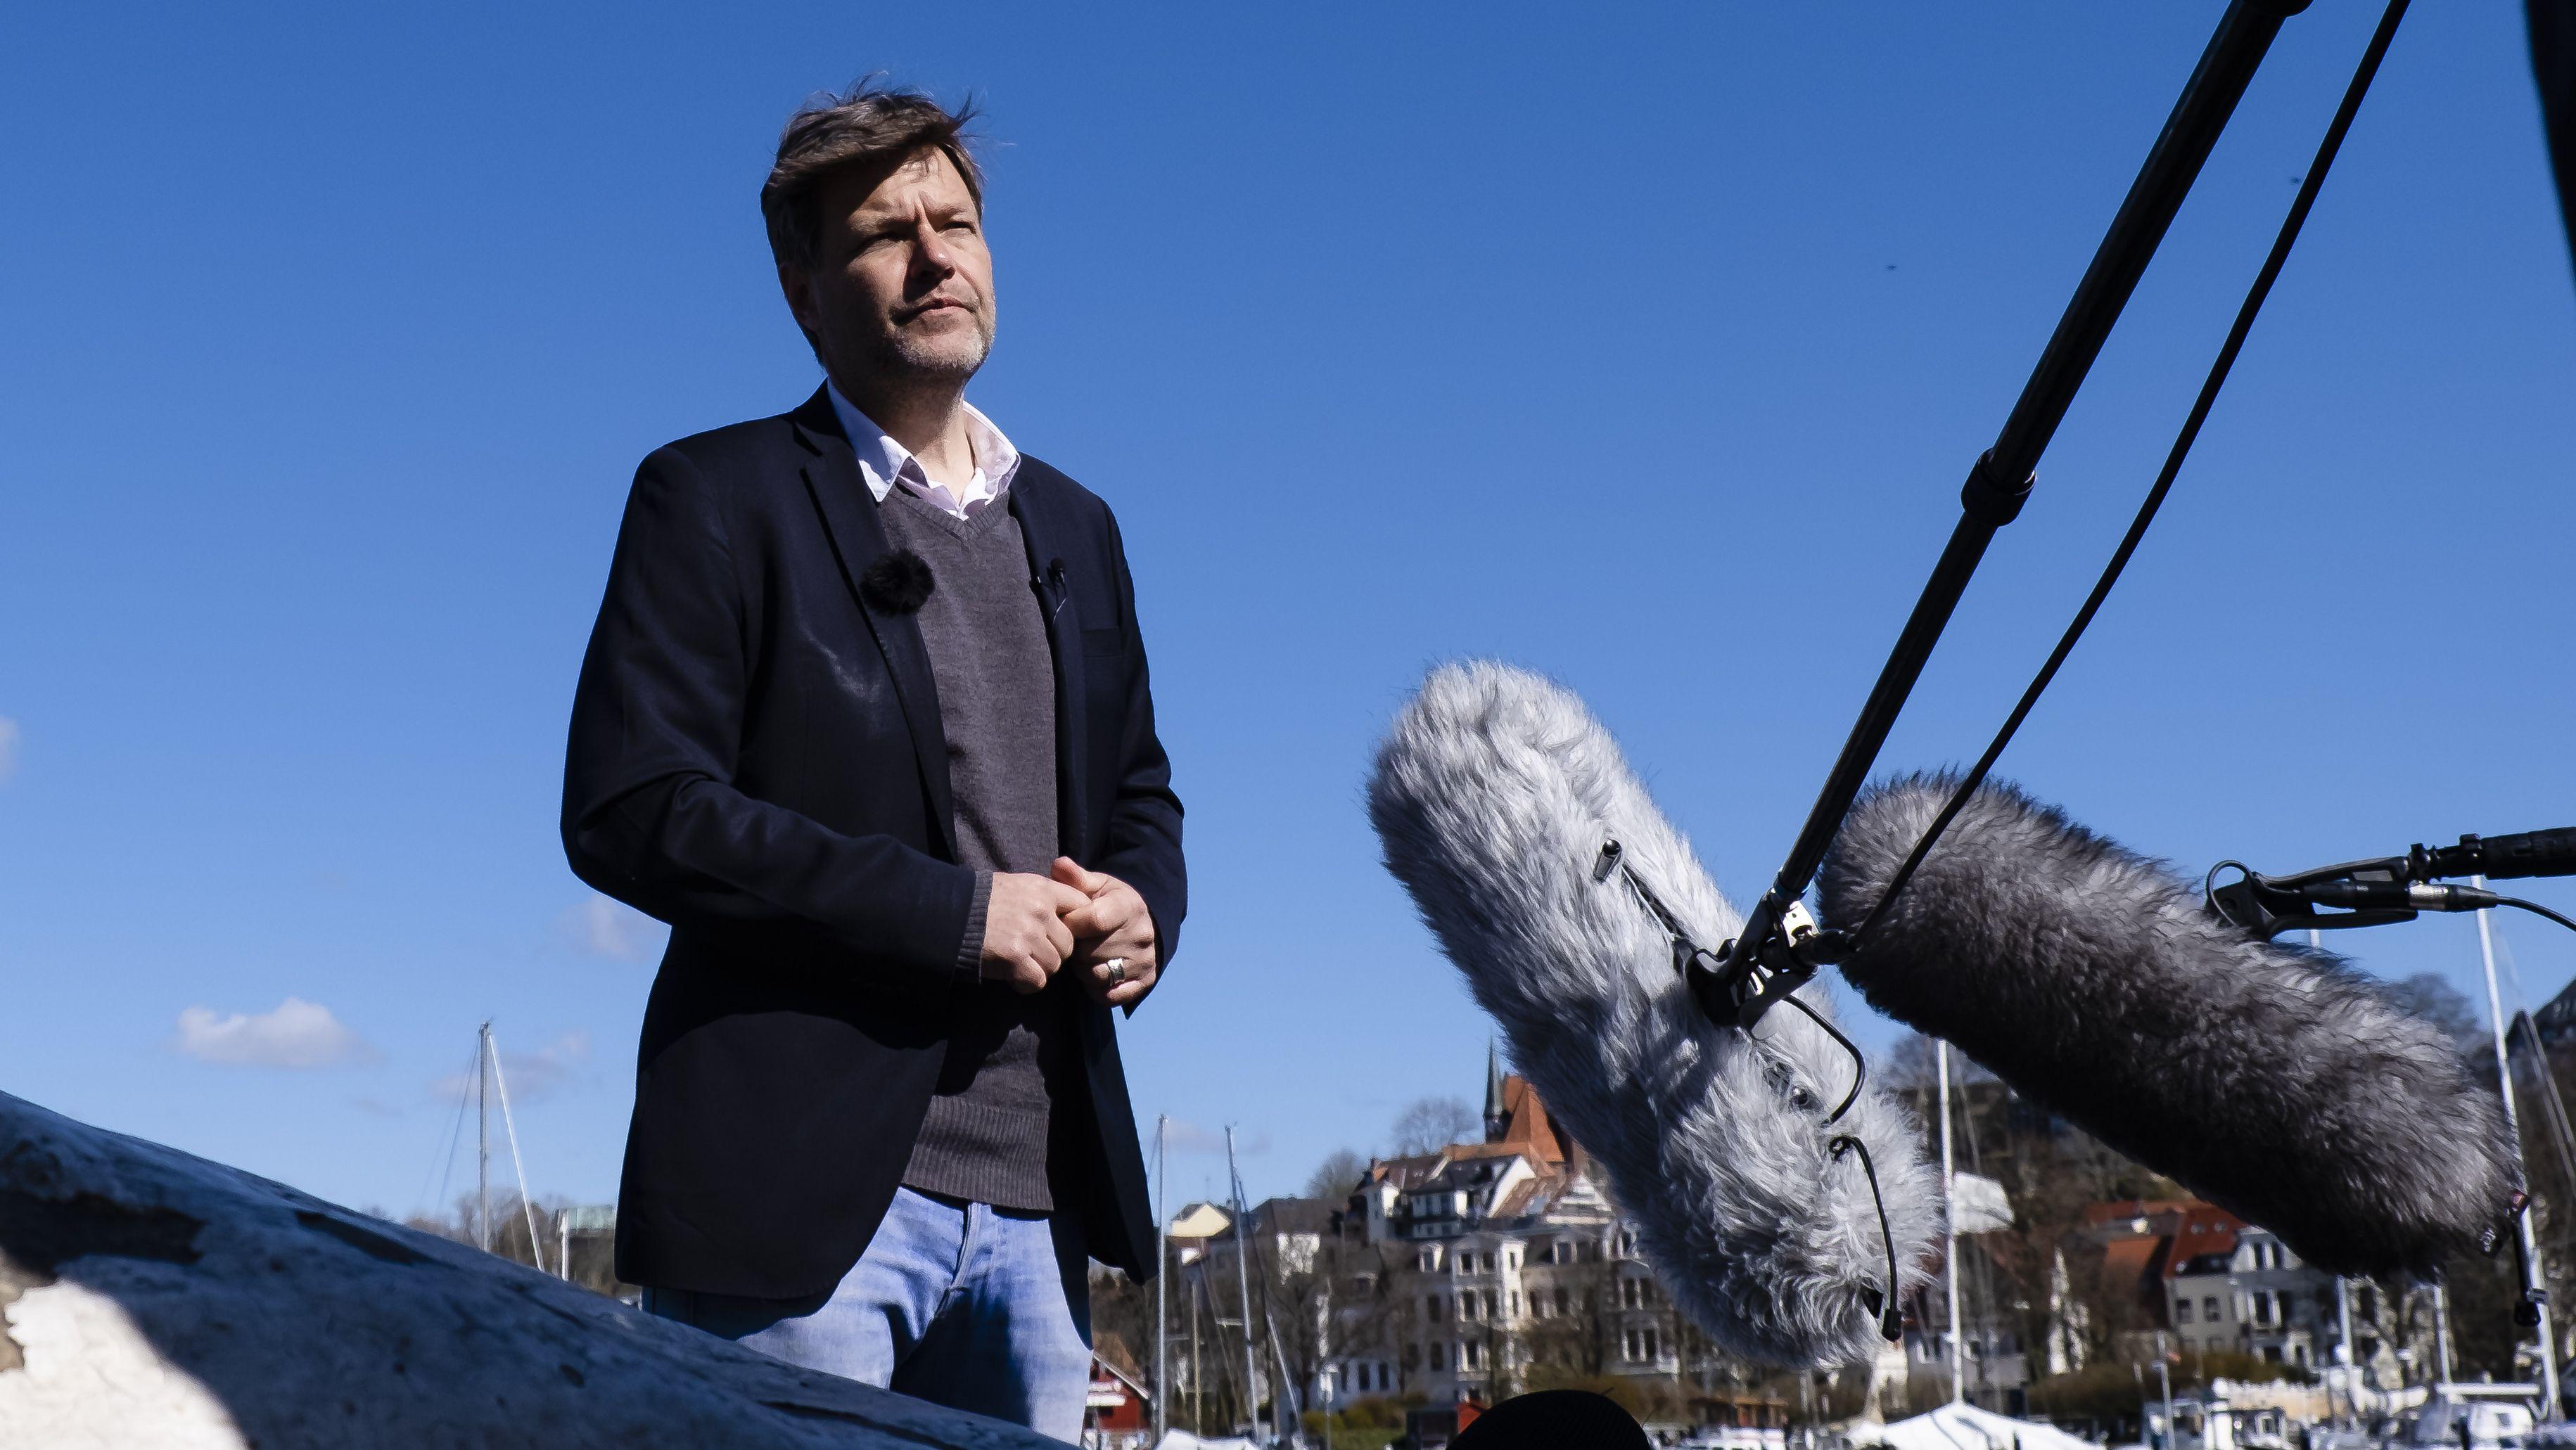 Grünen-Parteichef Robert Habeck